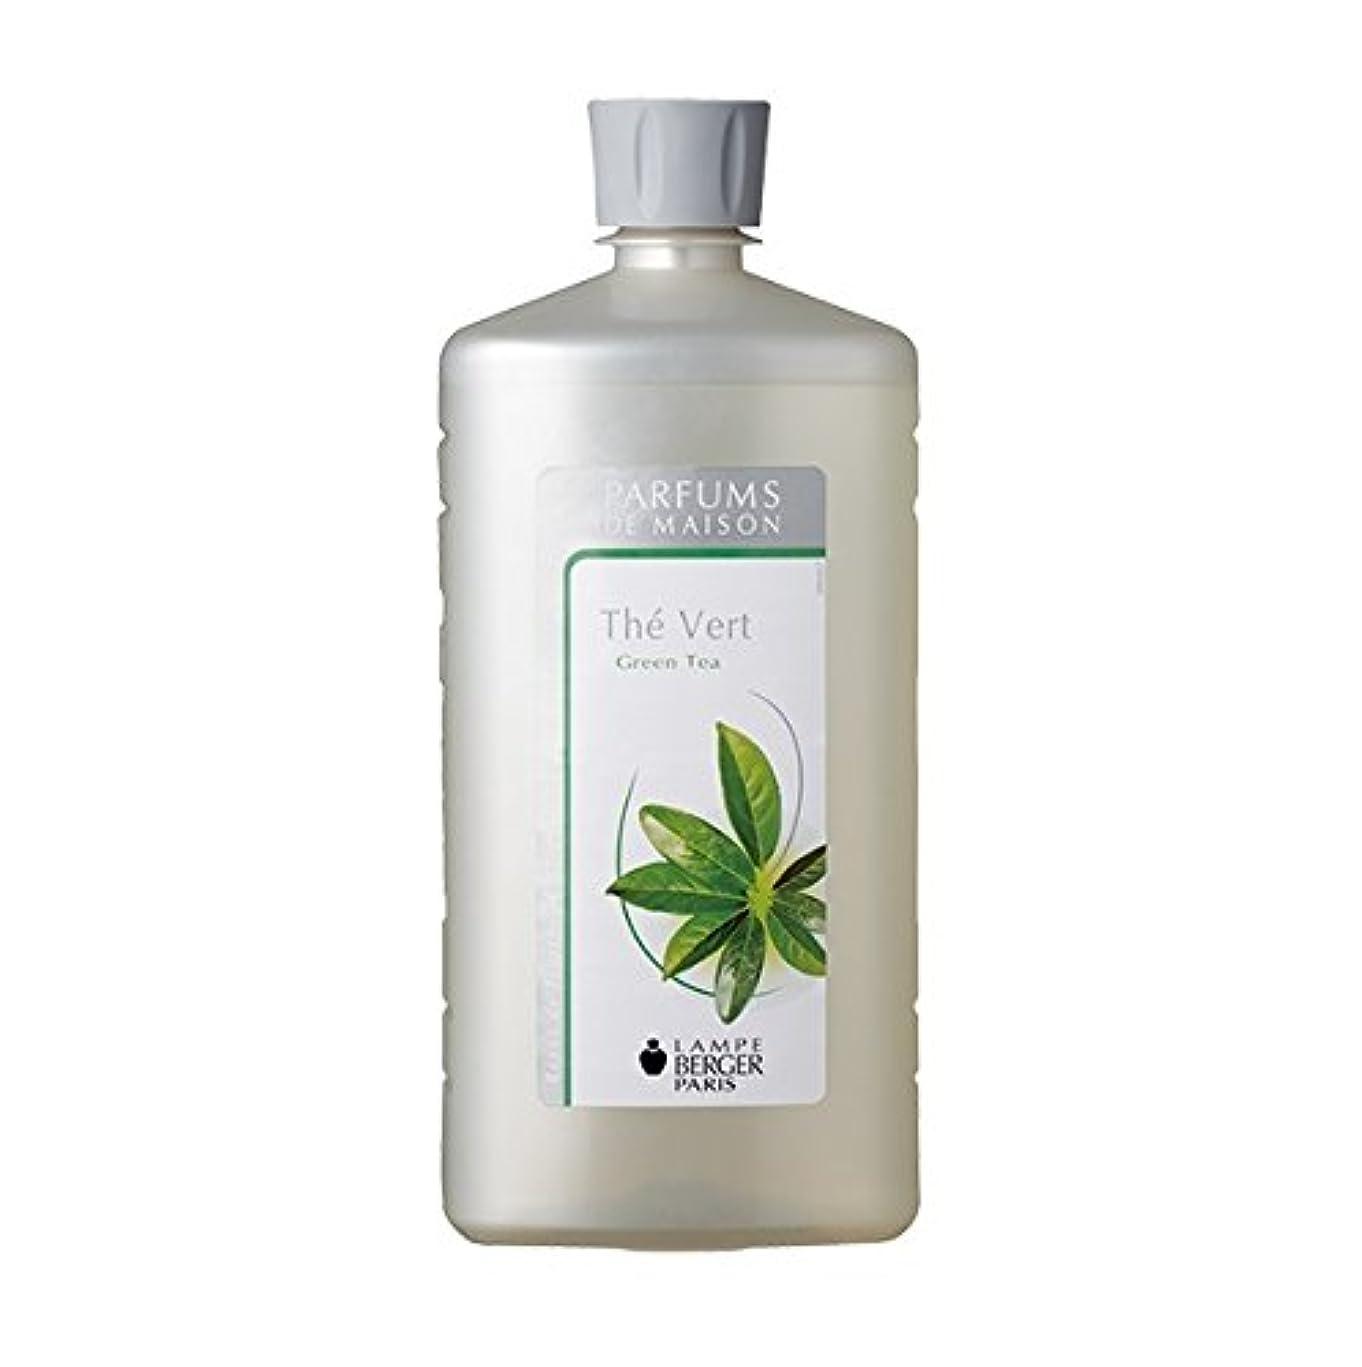 ランプベルジェオイル(緑茶)Thé Vert